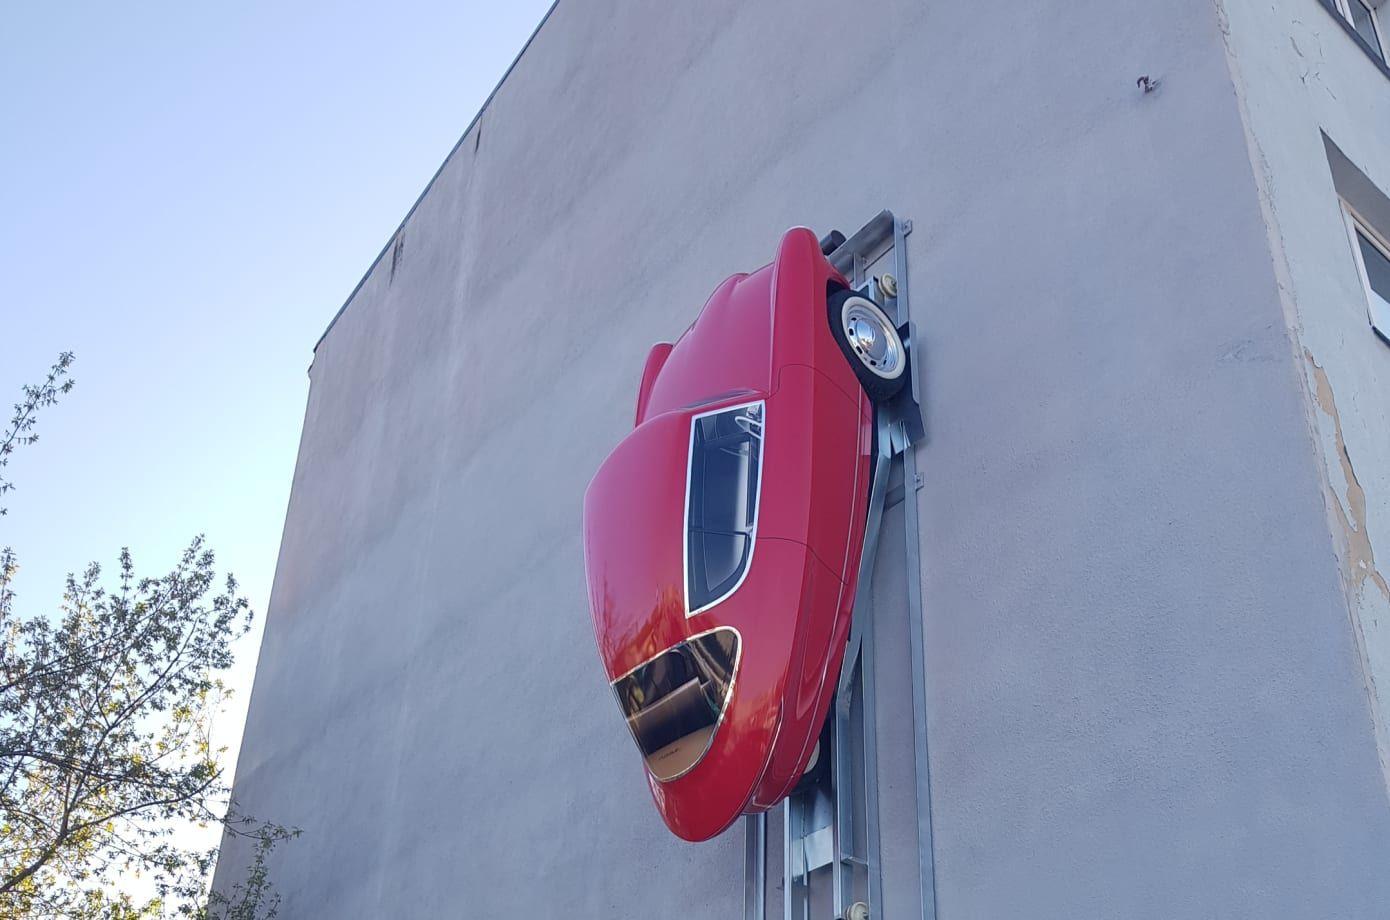 Nobe 100: Dreirädriges Retro-Elektroauto parkt senkrecht an der Wand - Interessant ist das Parkkonzept. (Bild: Nobe)